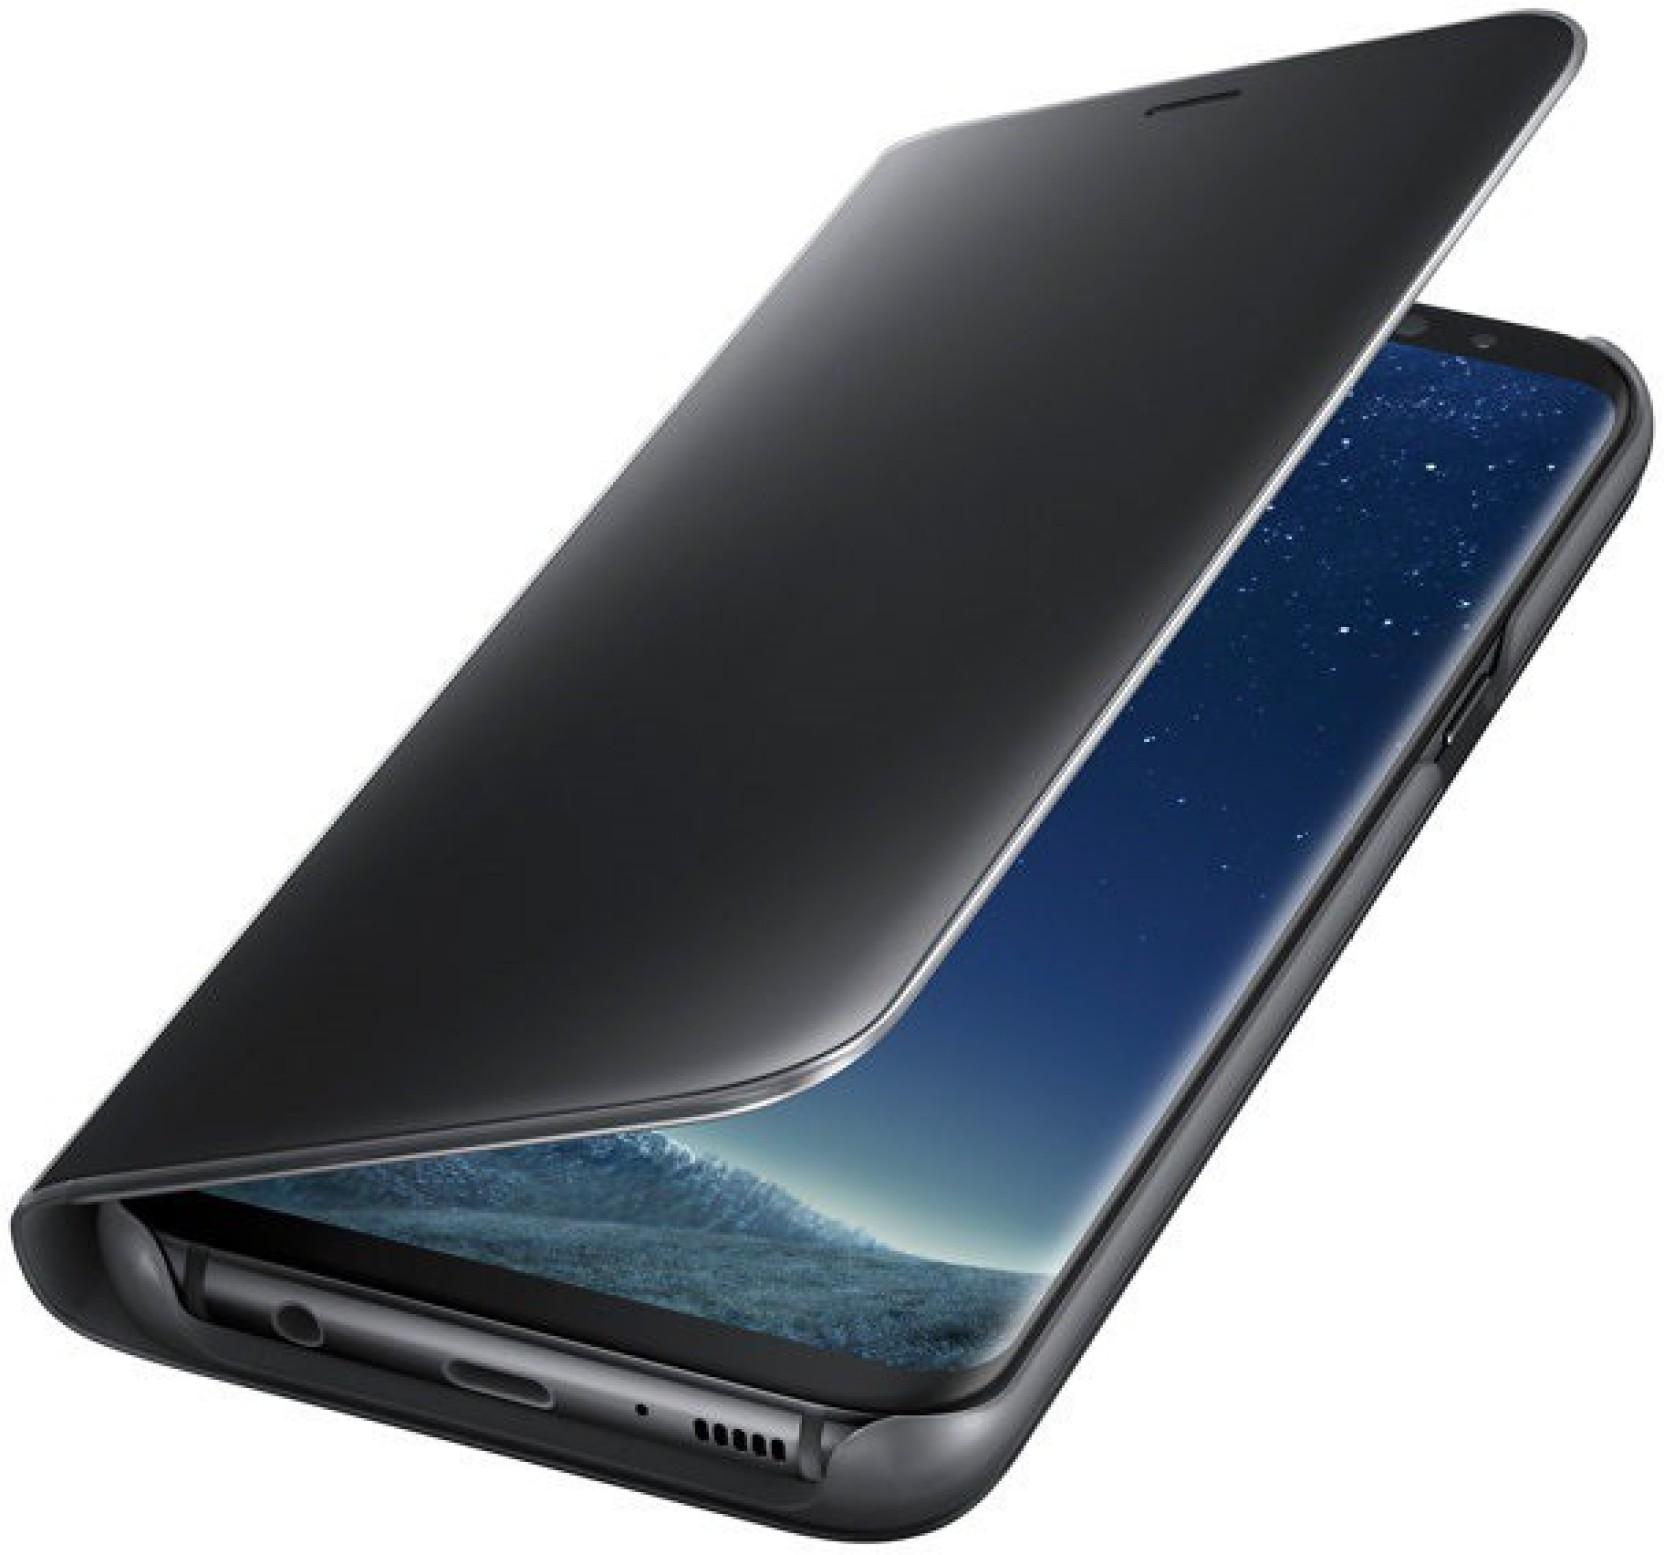 online retailer 1ac8b 4ceac ZEDFO CASE Flip Cover for OnePlus 5T - ZEDFO CASE : Flipkart.com